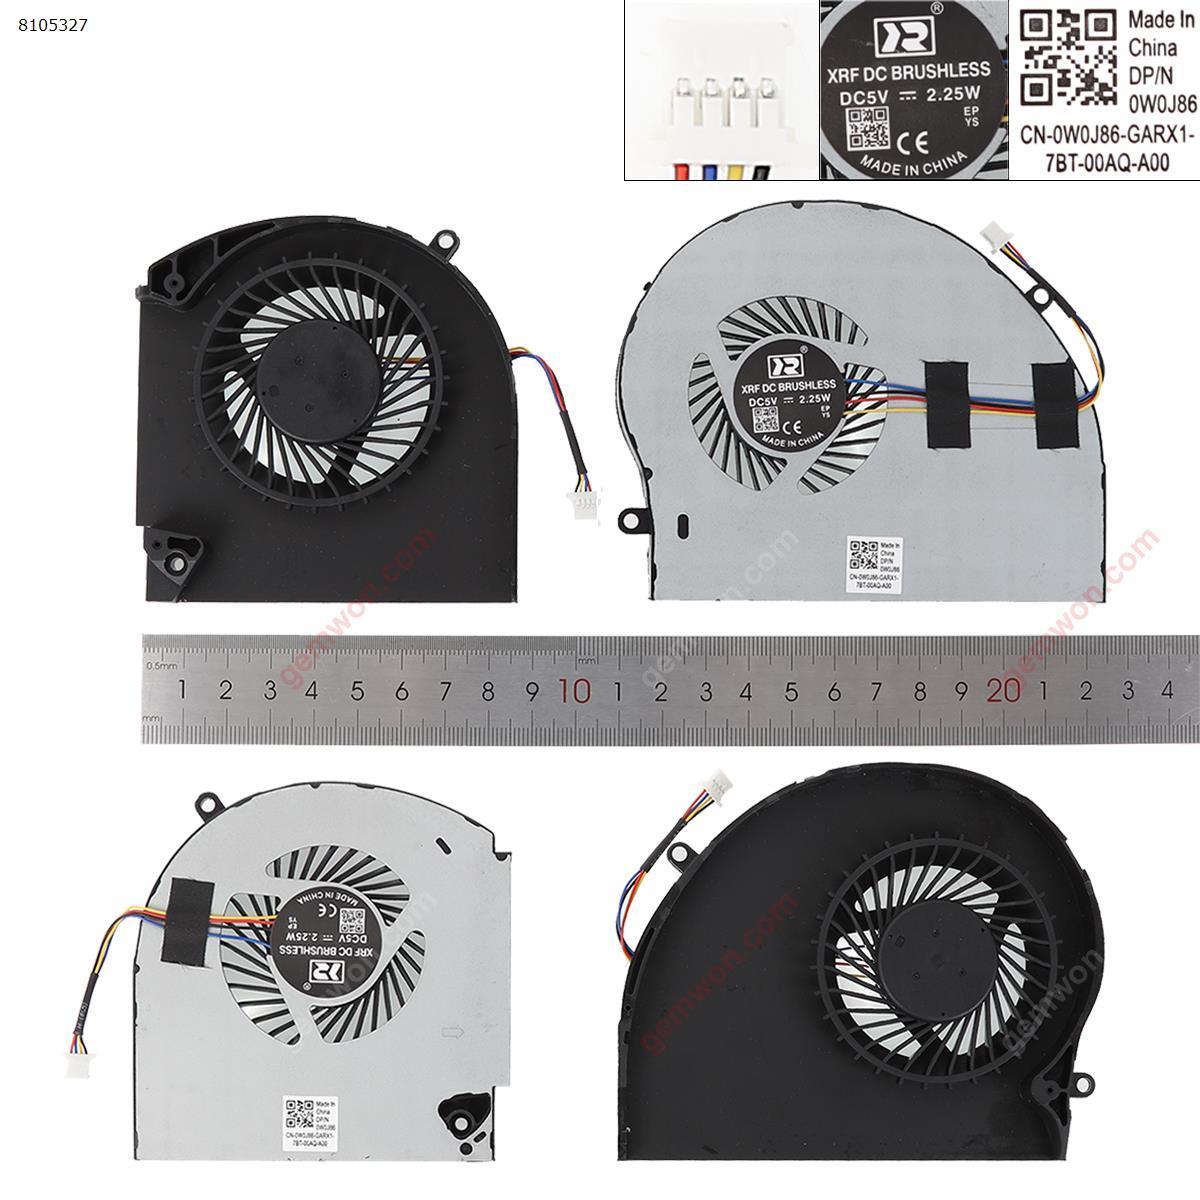 DELL Alienware 17 R4 R5 P31E(L+R,OEM) Laptop Fan N/A